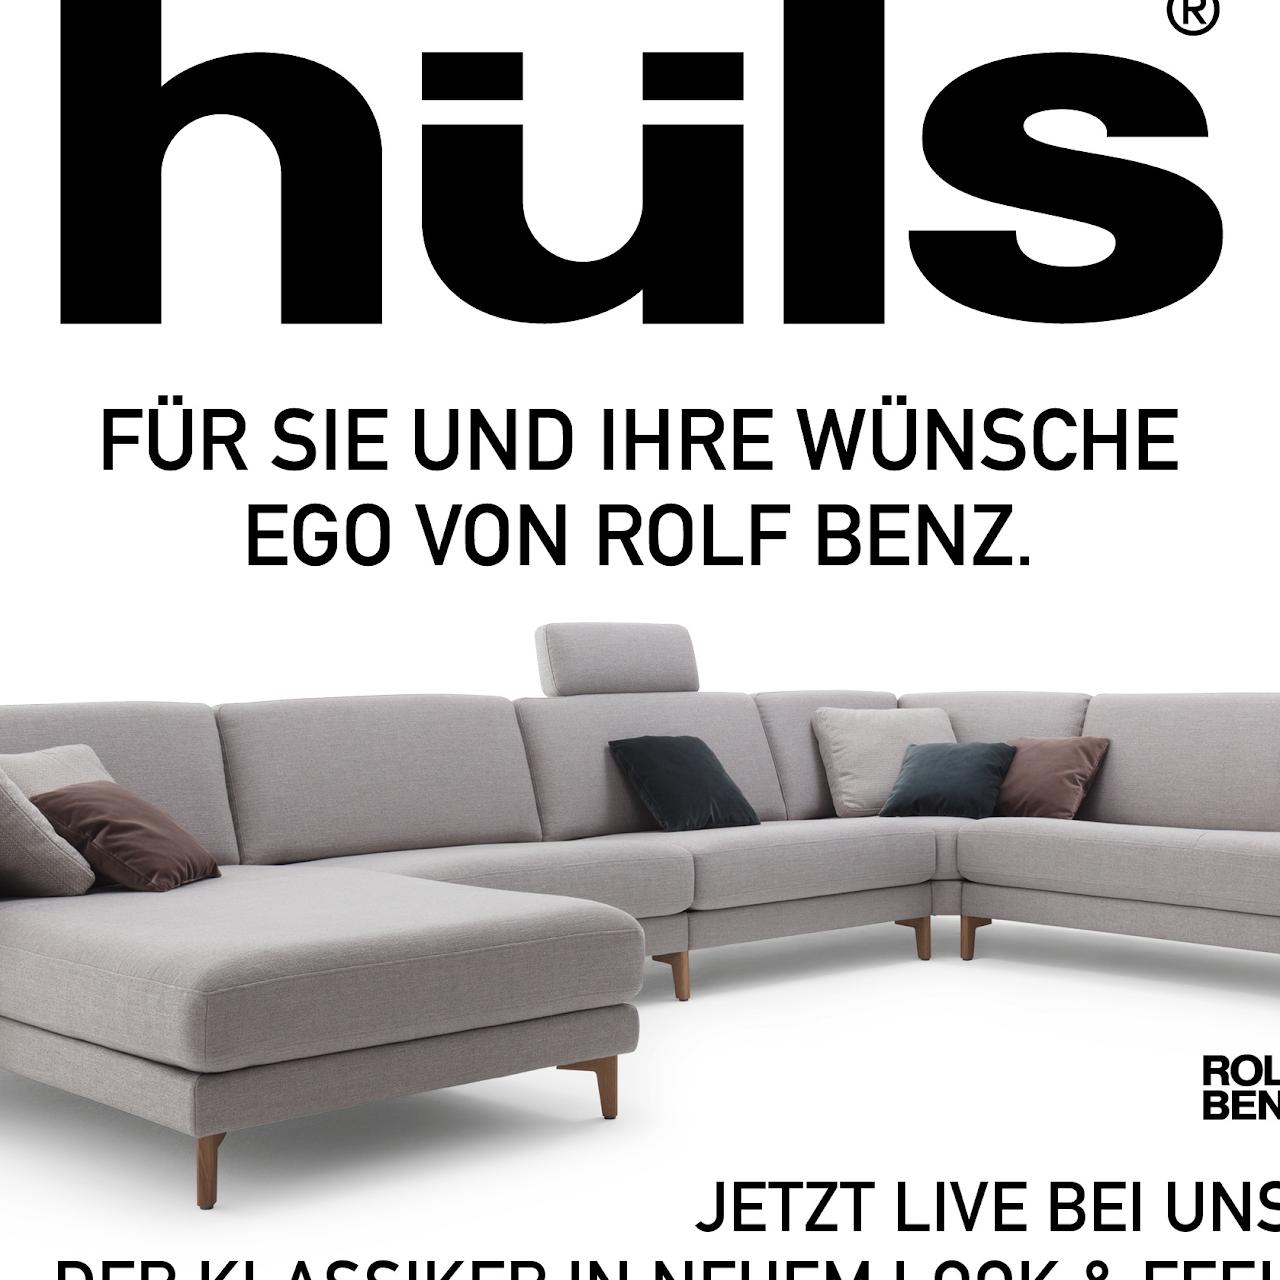 Hüls Die Einrichtung Gmbh Möbelgeschäft In Fürth